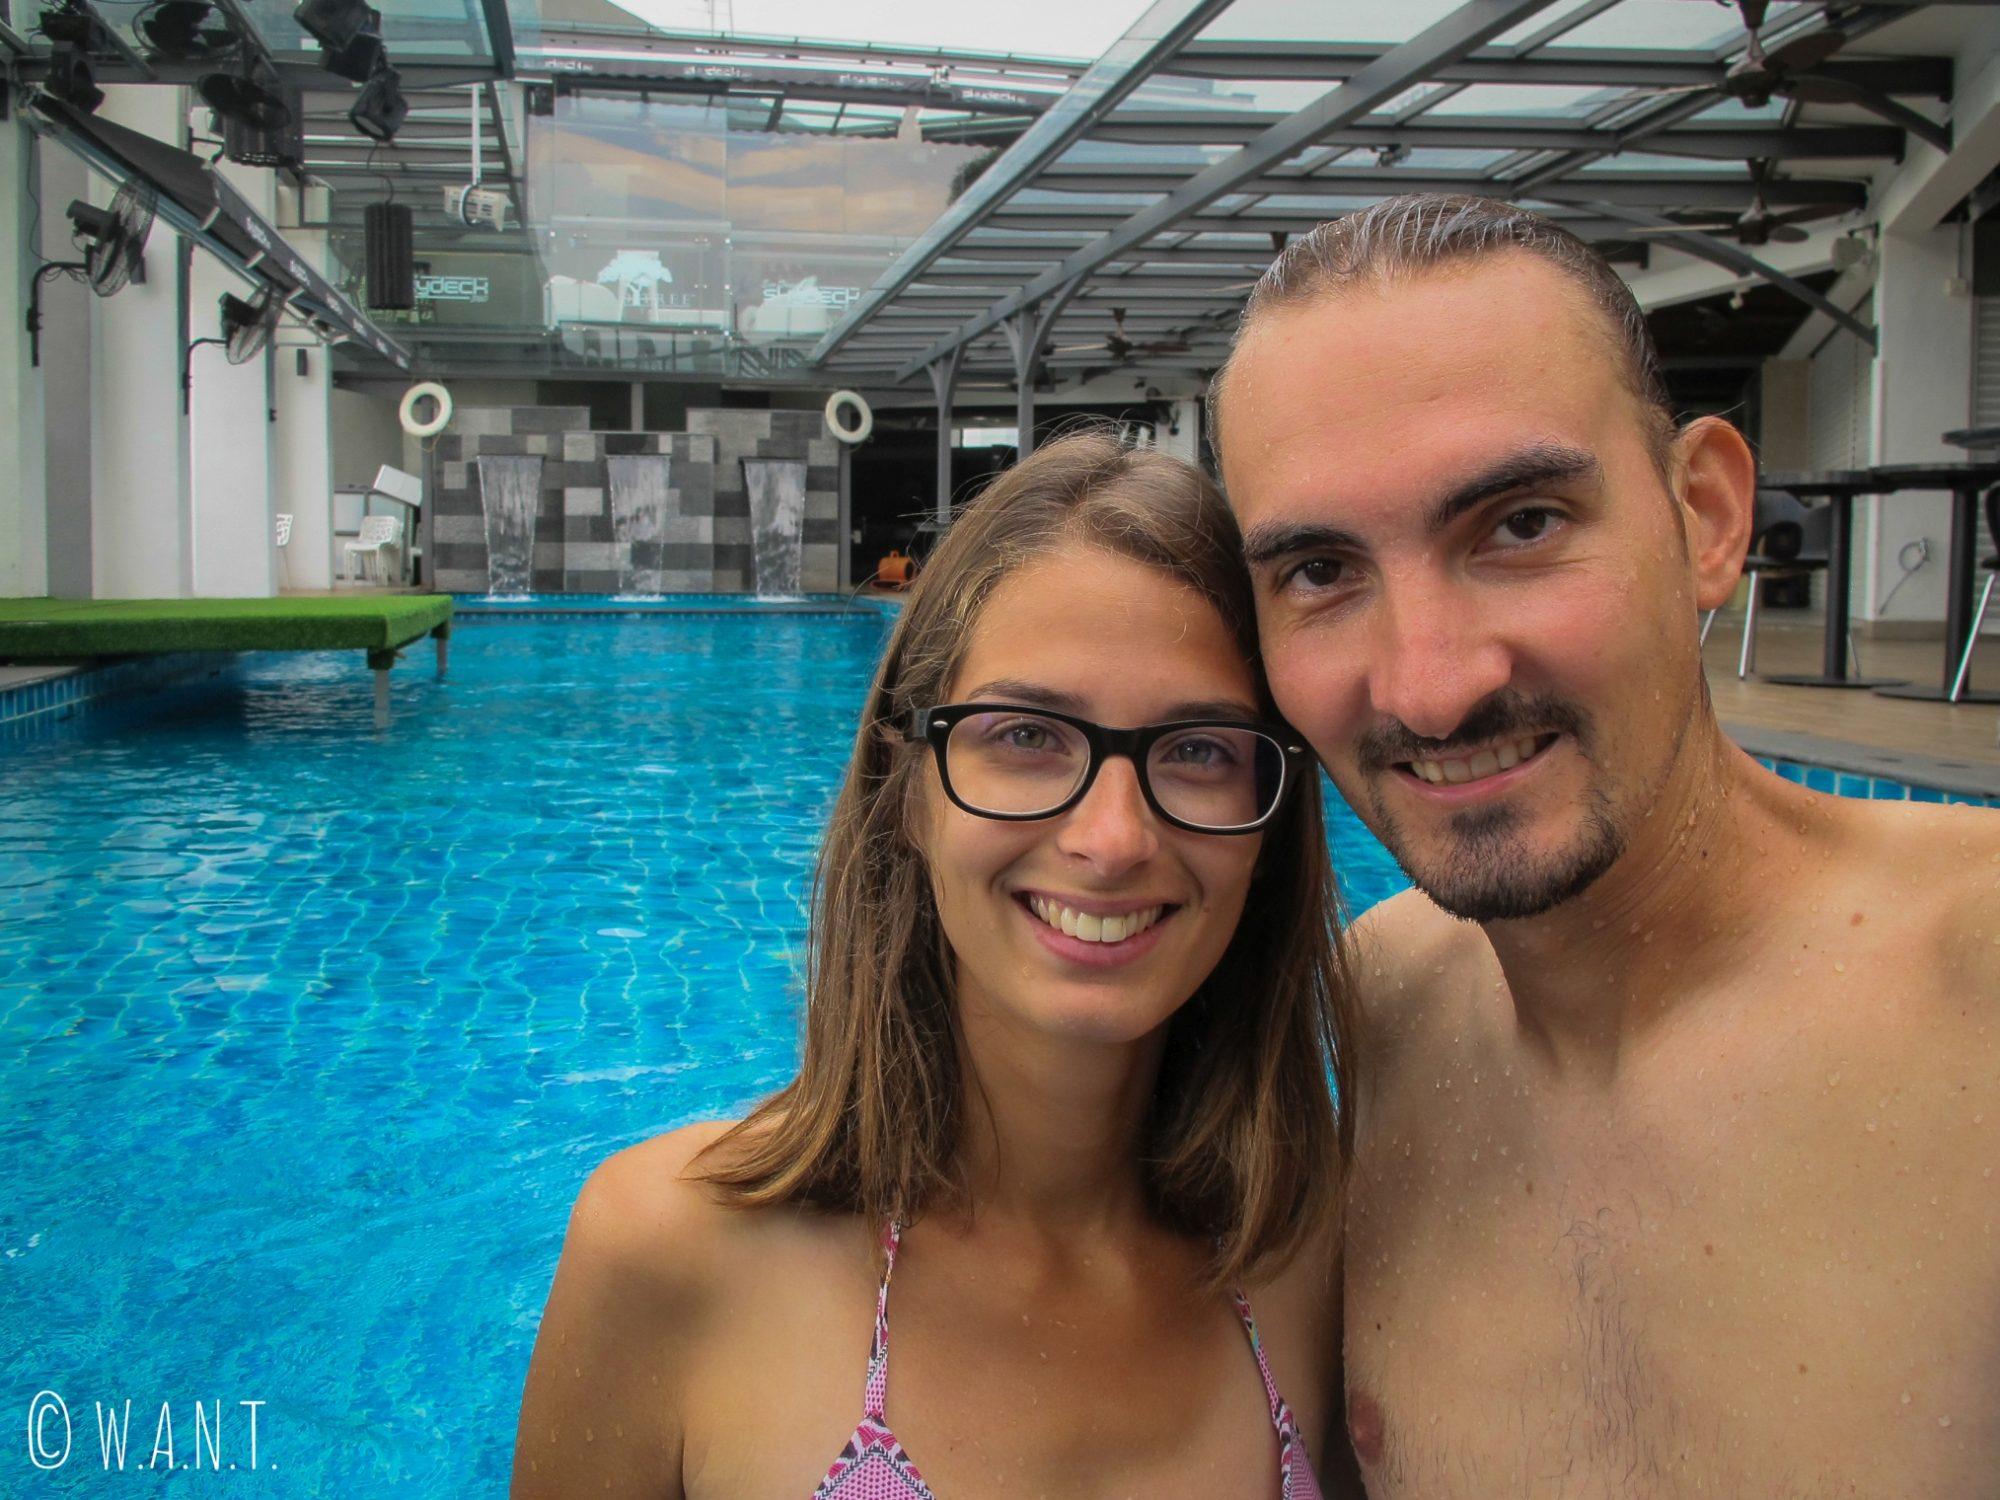 Première piscine depuis le début de notre voyage, nous l'avons attendue !